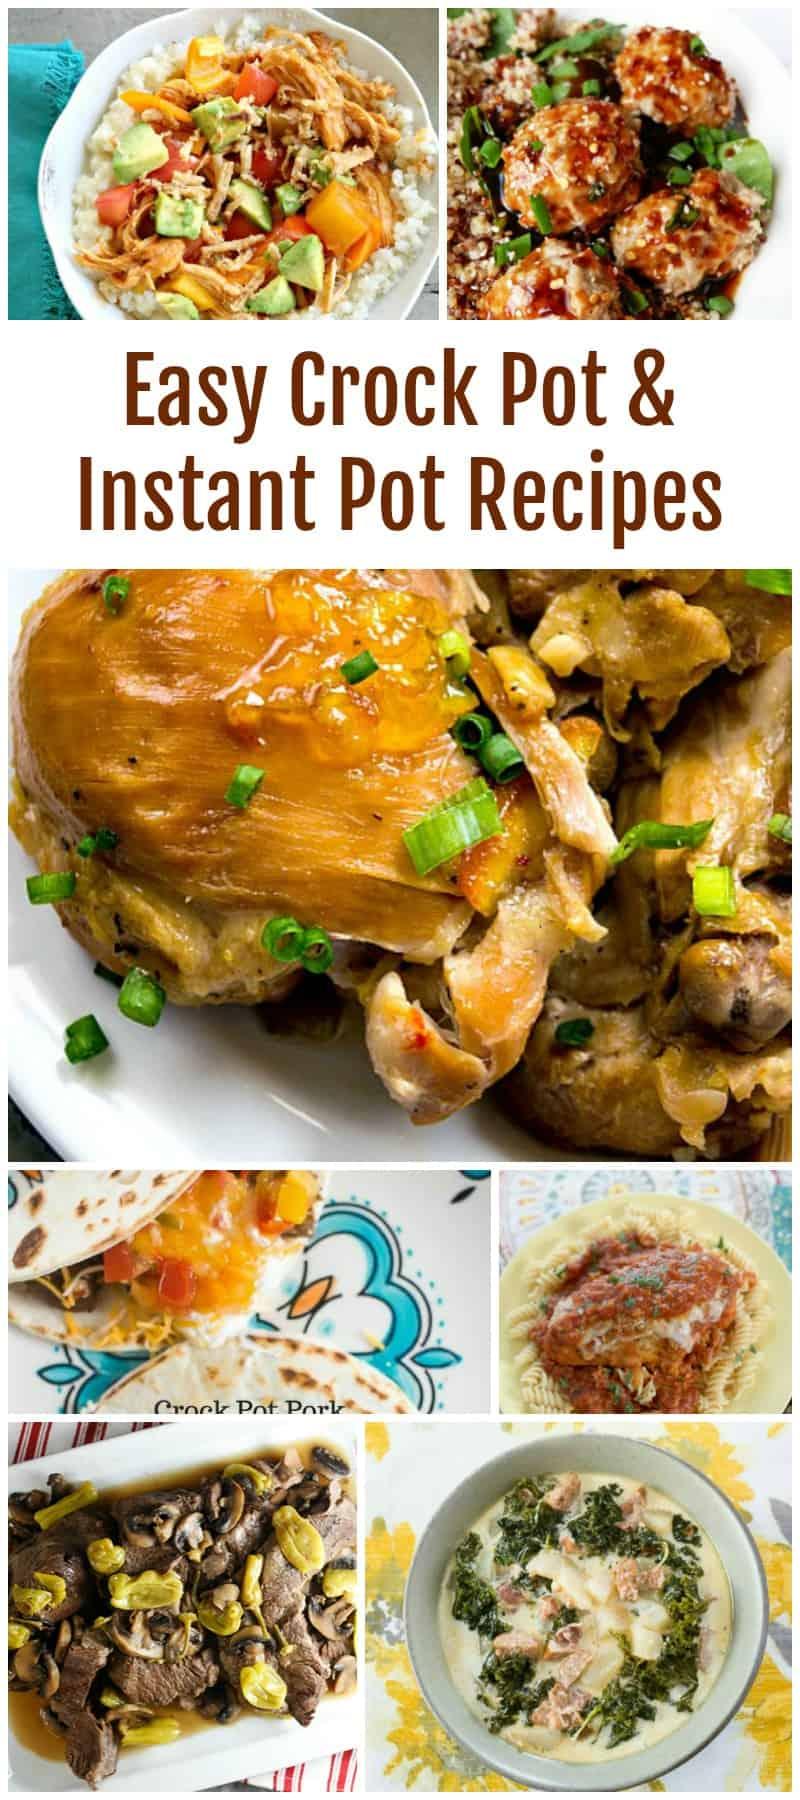 Easy Crock Pot and Instant Pot Recipes